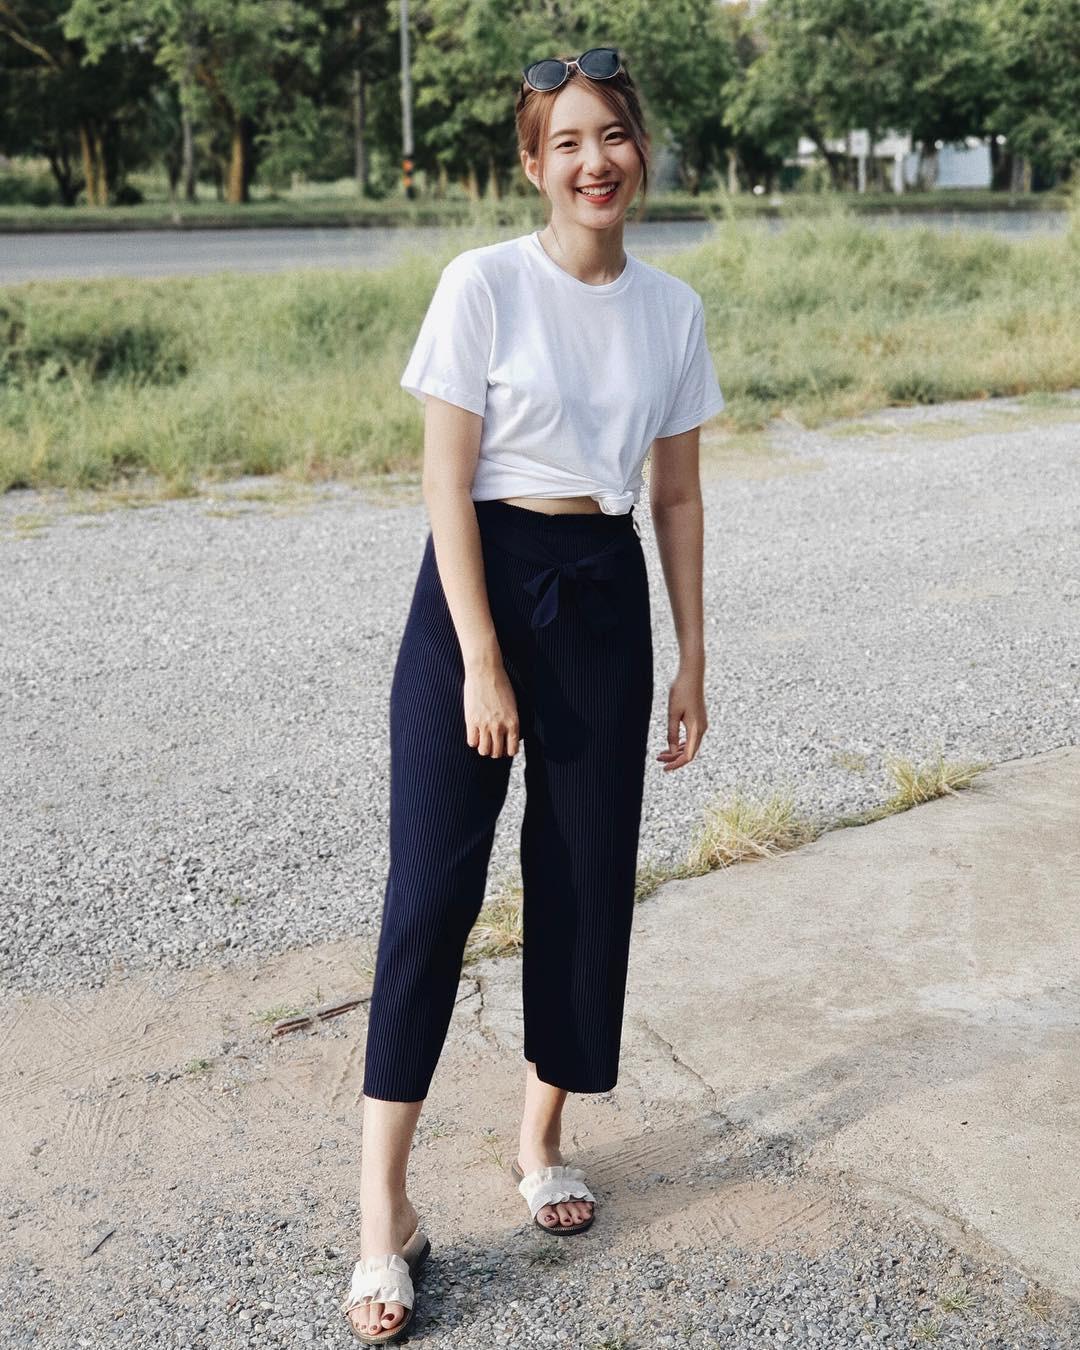 Quanh đi quẩn lại, áo phông trắng vẫn là item dễ mặc nhất và diện được muôn kiểu siêu xinh - Ảnh 3